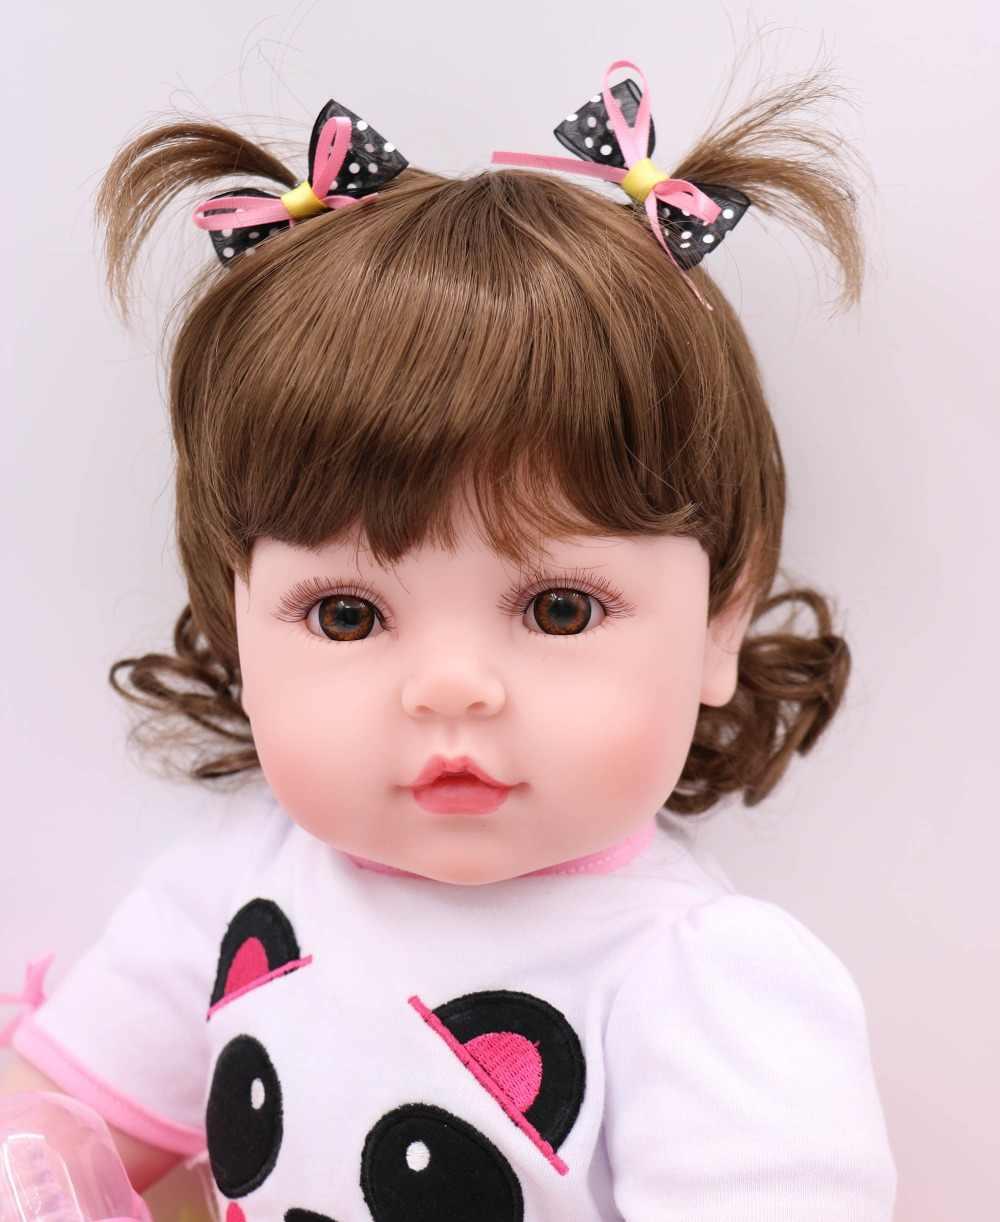 Горячая продажа 22 дюймов куклы Reborn Реалистичная из мягкого силикона детские куклы принцесса вьющиеся волосы bebe мода babydoll menina подарок на день рождения